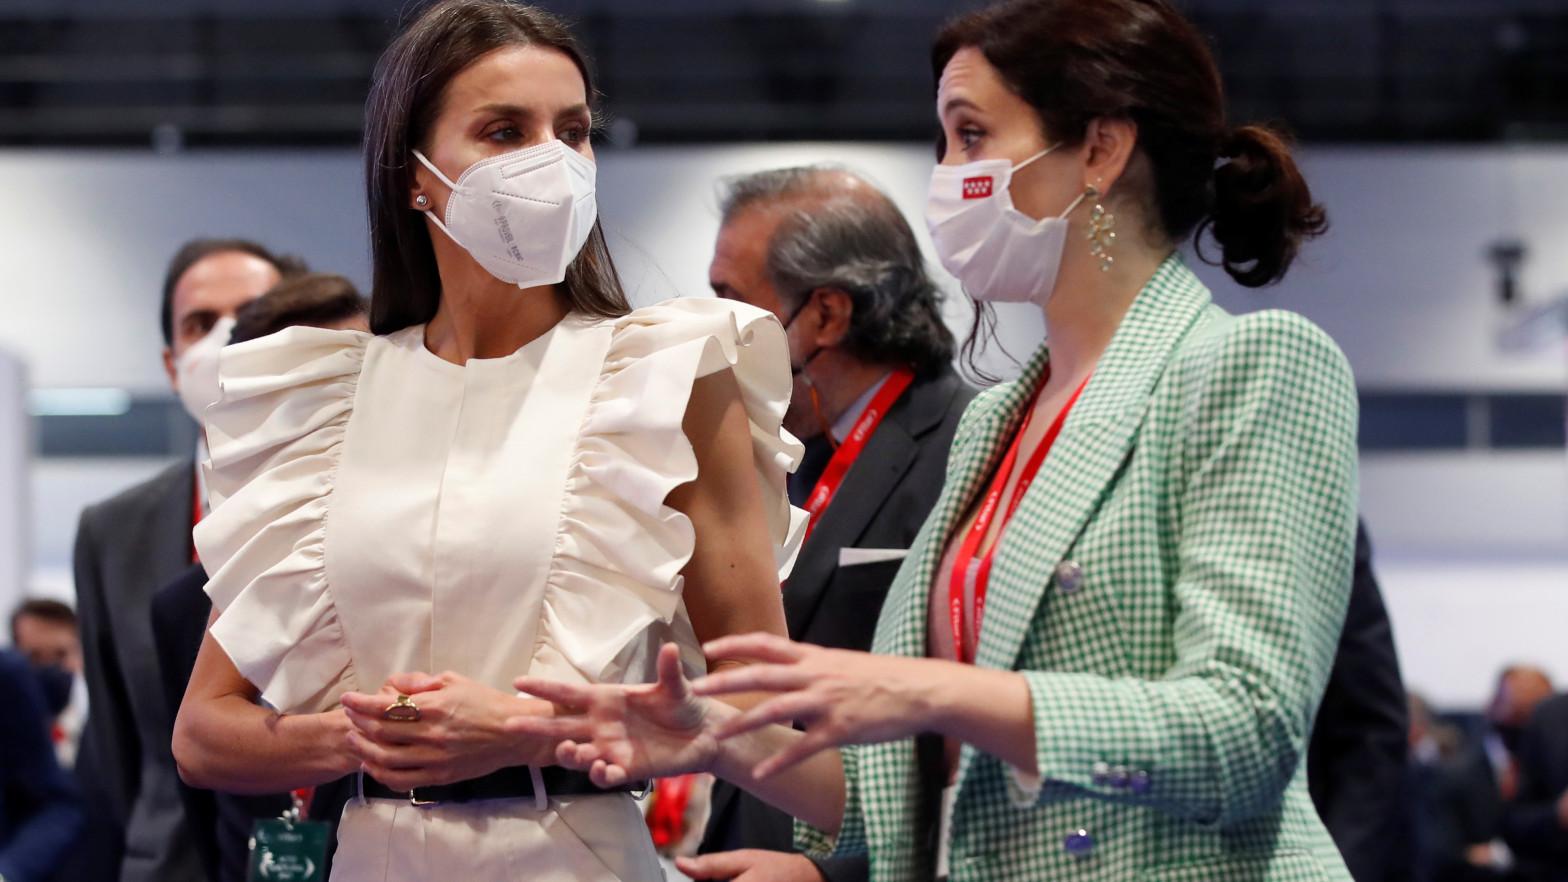 La reina Letizia e Isabel Díaz Ayuso en Fitur 2021